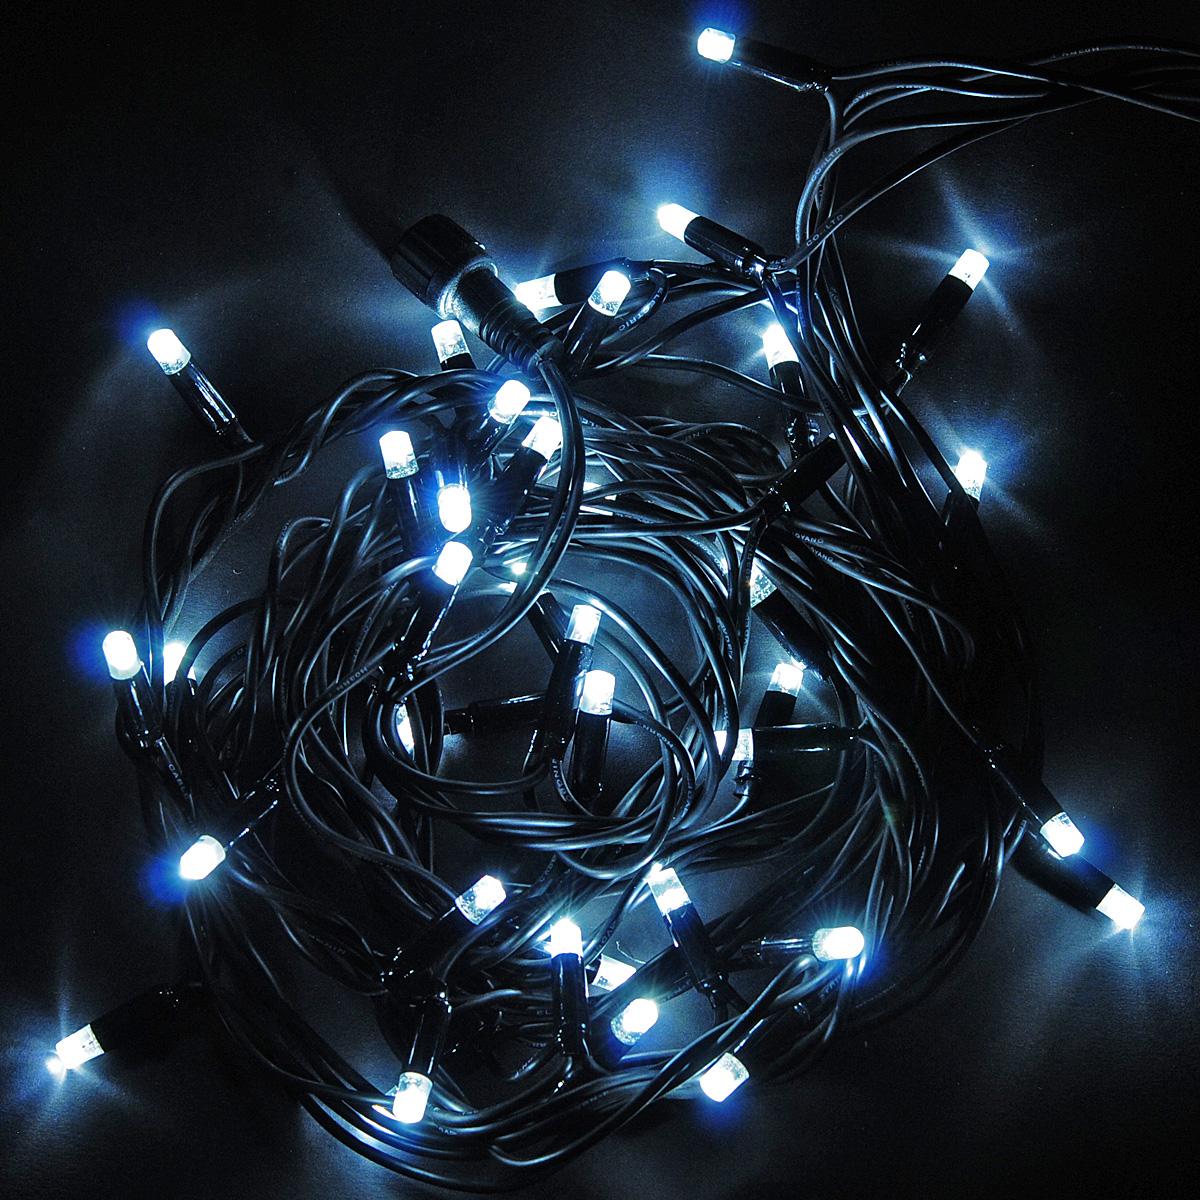 Гирлянда электрическая Lunten Ranta Мерцание, 40 светодиодов, 4 м66417Гирлянда электрическая Lunten Ranta Мерцание выполнена из пластика. Гирлянда выполнена в оригинальном стиле. Такая гирлянда украсит ваш дом снаружи. Всего 8 режимов мигания: - combination (комбинированный); - in wales (волна); - sequentian (последовательный); - slo-glo; - chasing/flash (чеканка/вспышка); - slow fade (медленное затухание); - twinkle/flash (мерцание/вспышка); - steady on (постоянный). Оригинальный дизайн и красочное исполнение создадут праздничное настроение. Откройте для себя удивительный мир сказок и грез. Почувствуйте волшебные минуты ожидания праздника, создайте новогоднее настроение вашим дорогим и близким. Работает от работает от сети 220В.